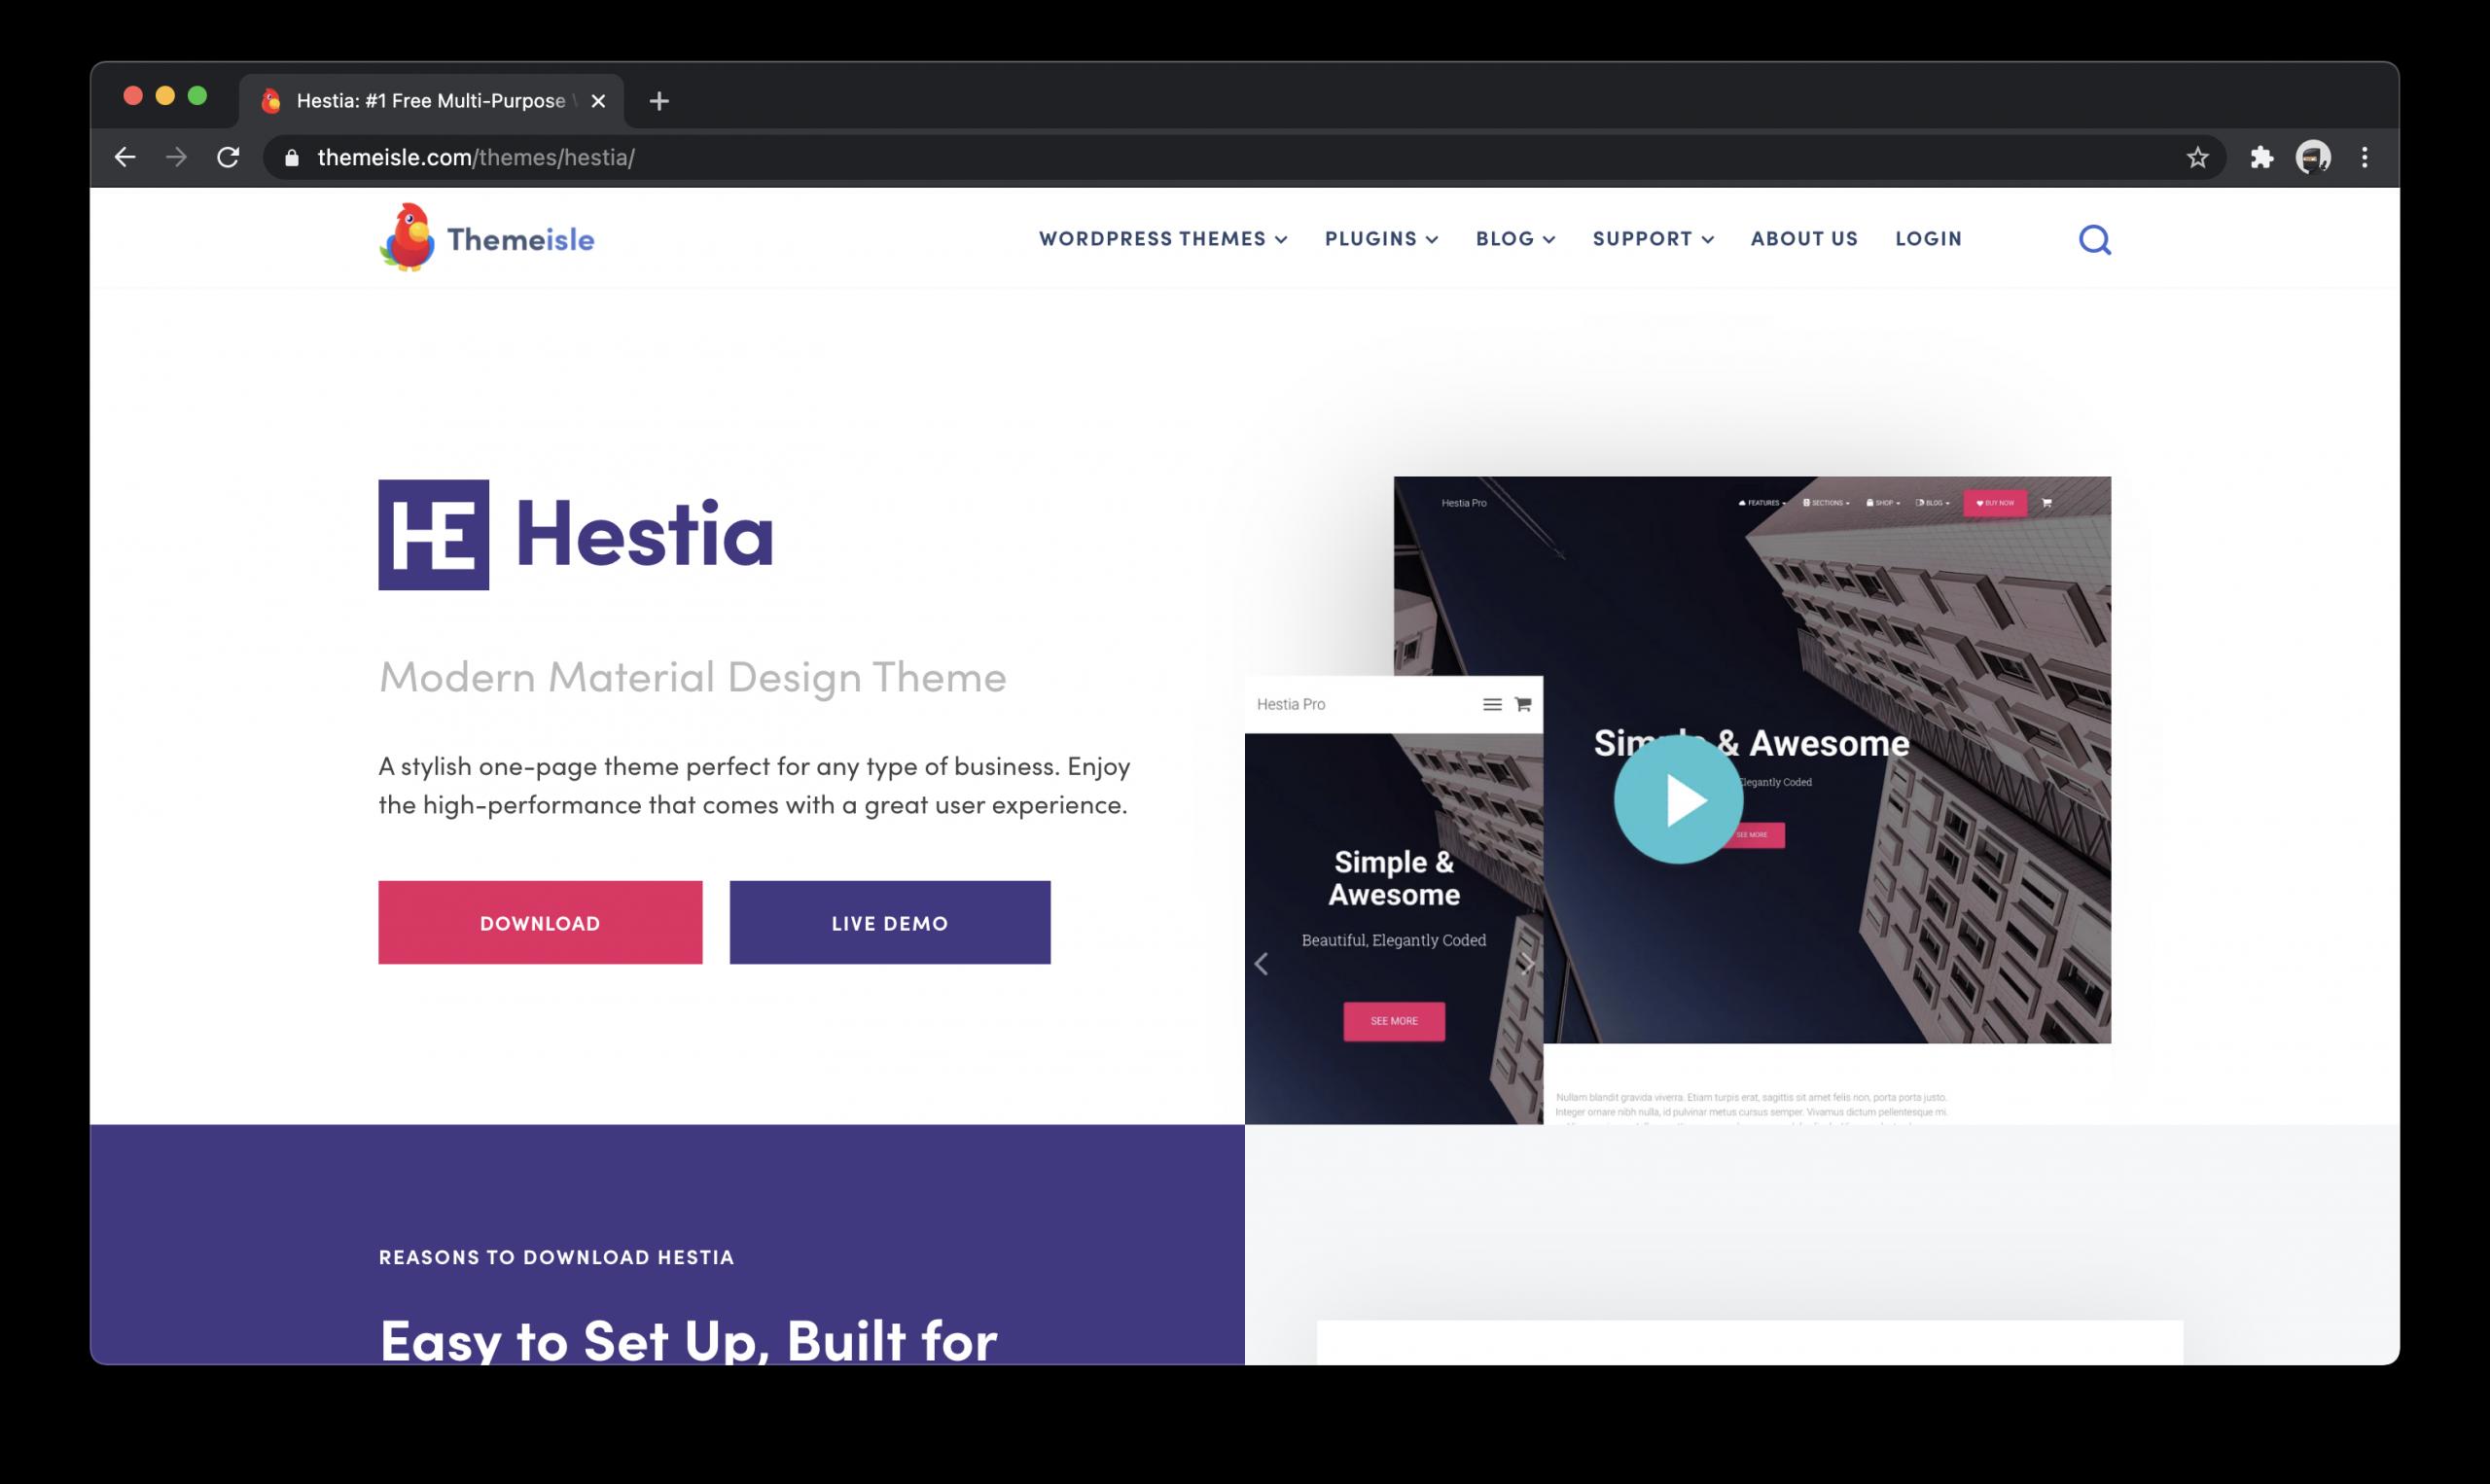 Hestia Free WordPress Theme